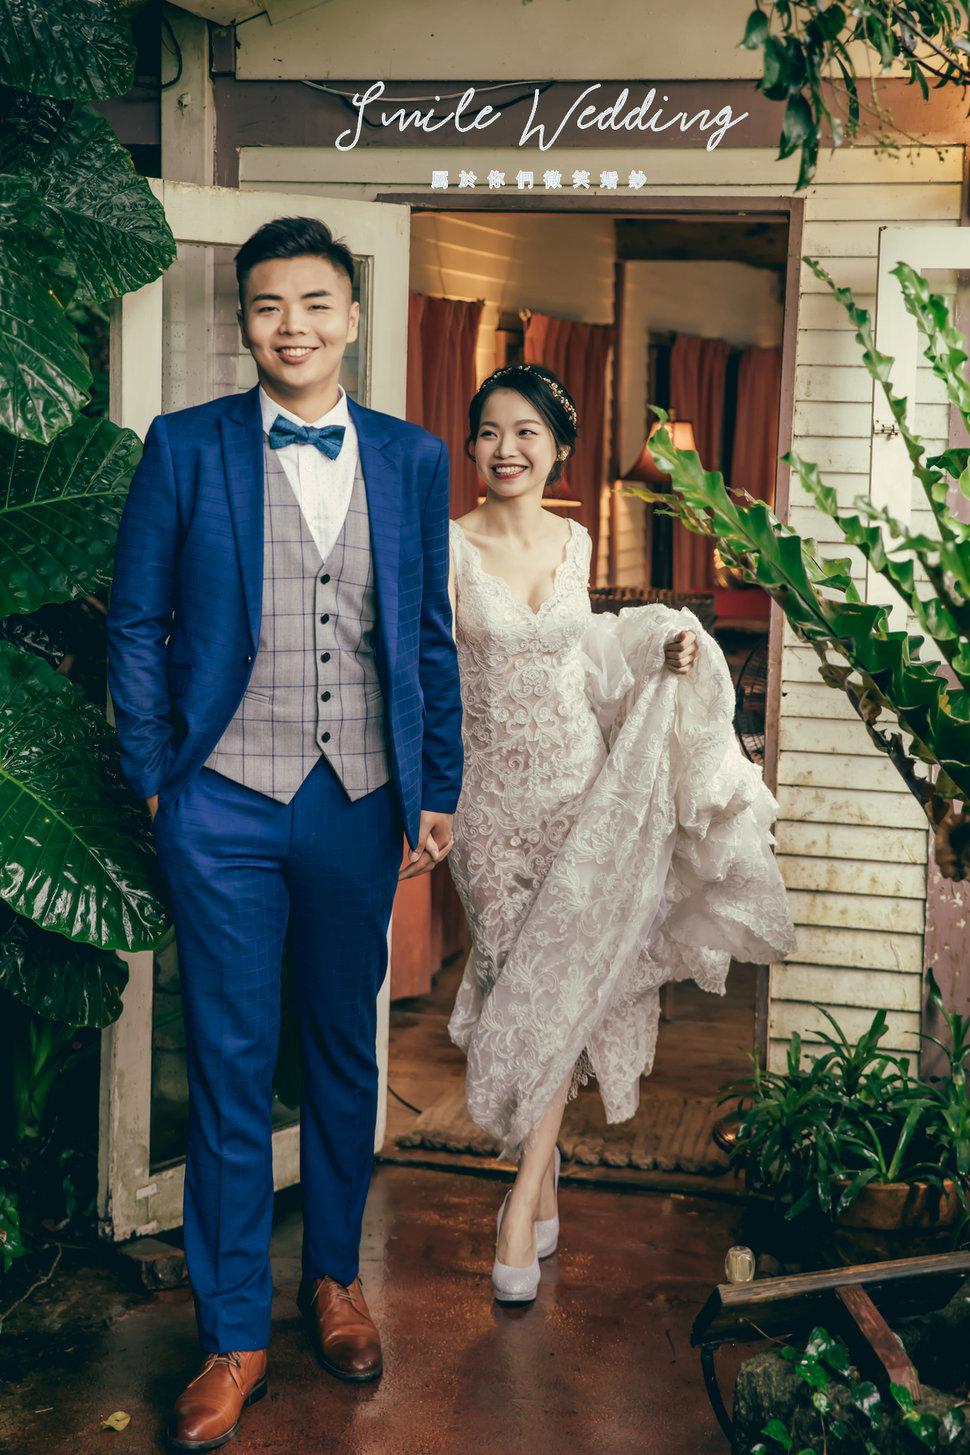 514A7049 - Smile wedding 微笑婚紗《結婚吧》